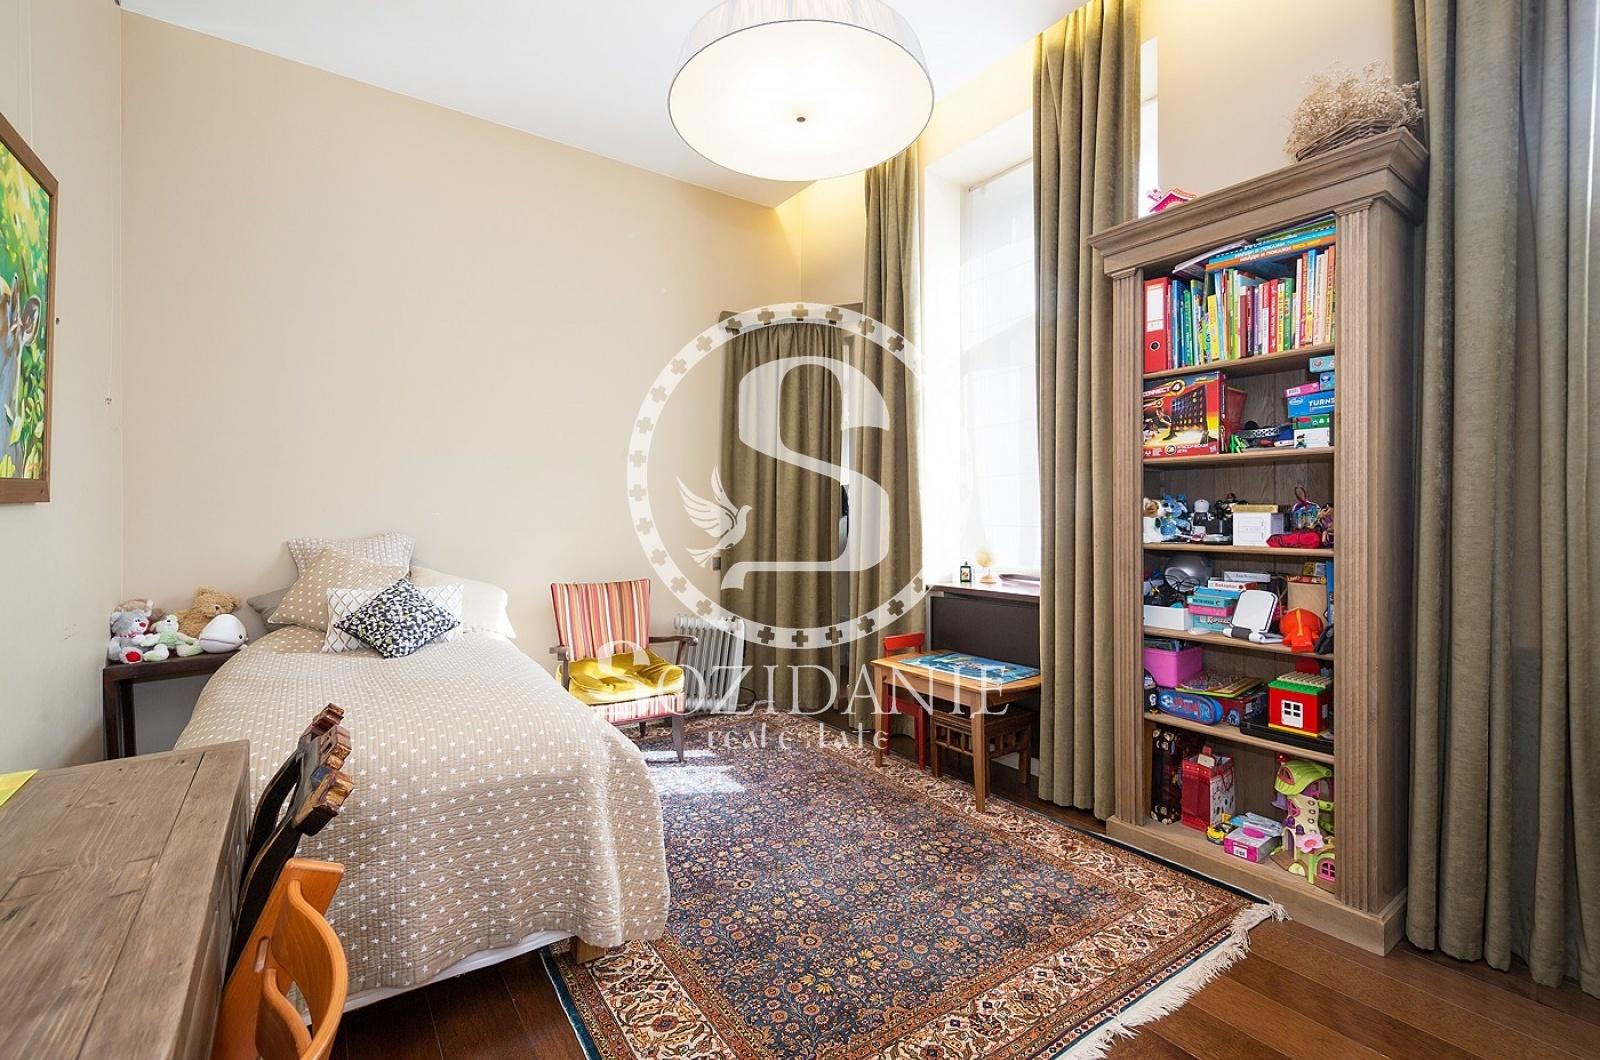 5 Комнаты, Городская, Продажа, Покровский бульвар, Listing ID 3379, Москва, Россия,